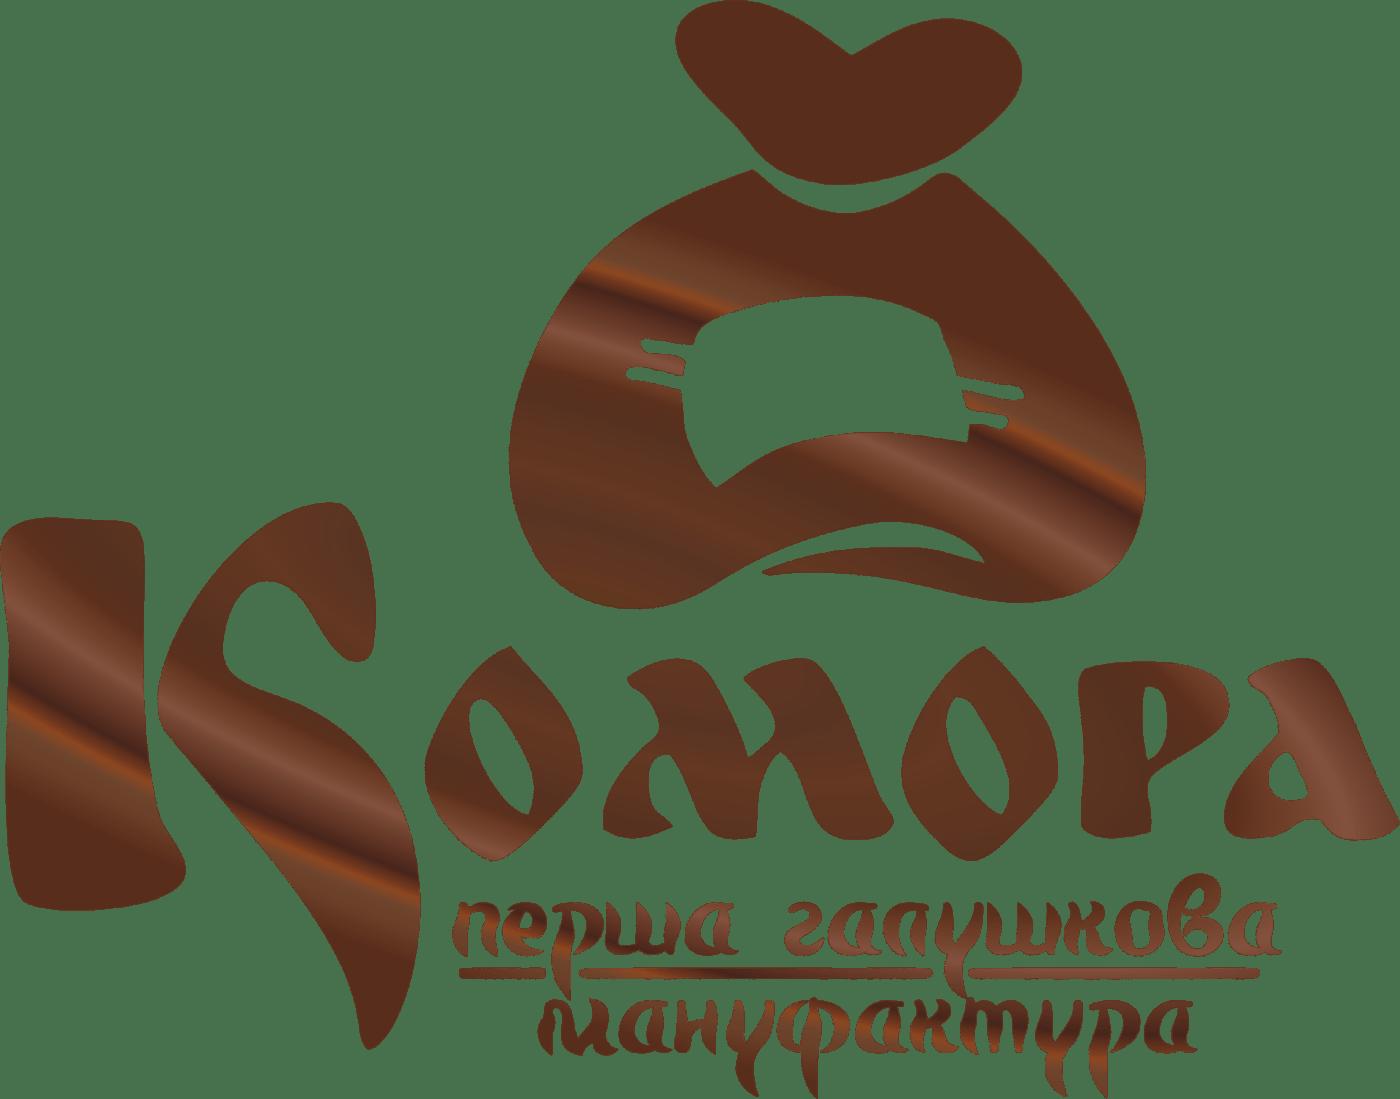 Комора - перша галушкова мануфактура